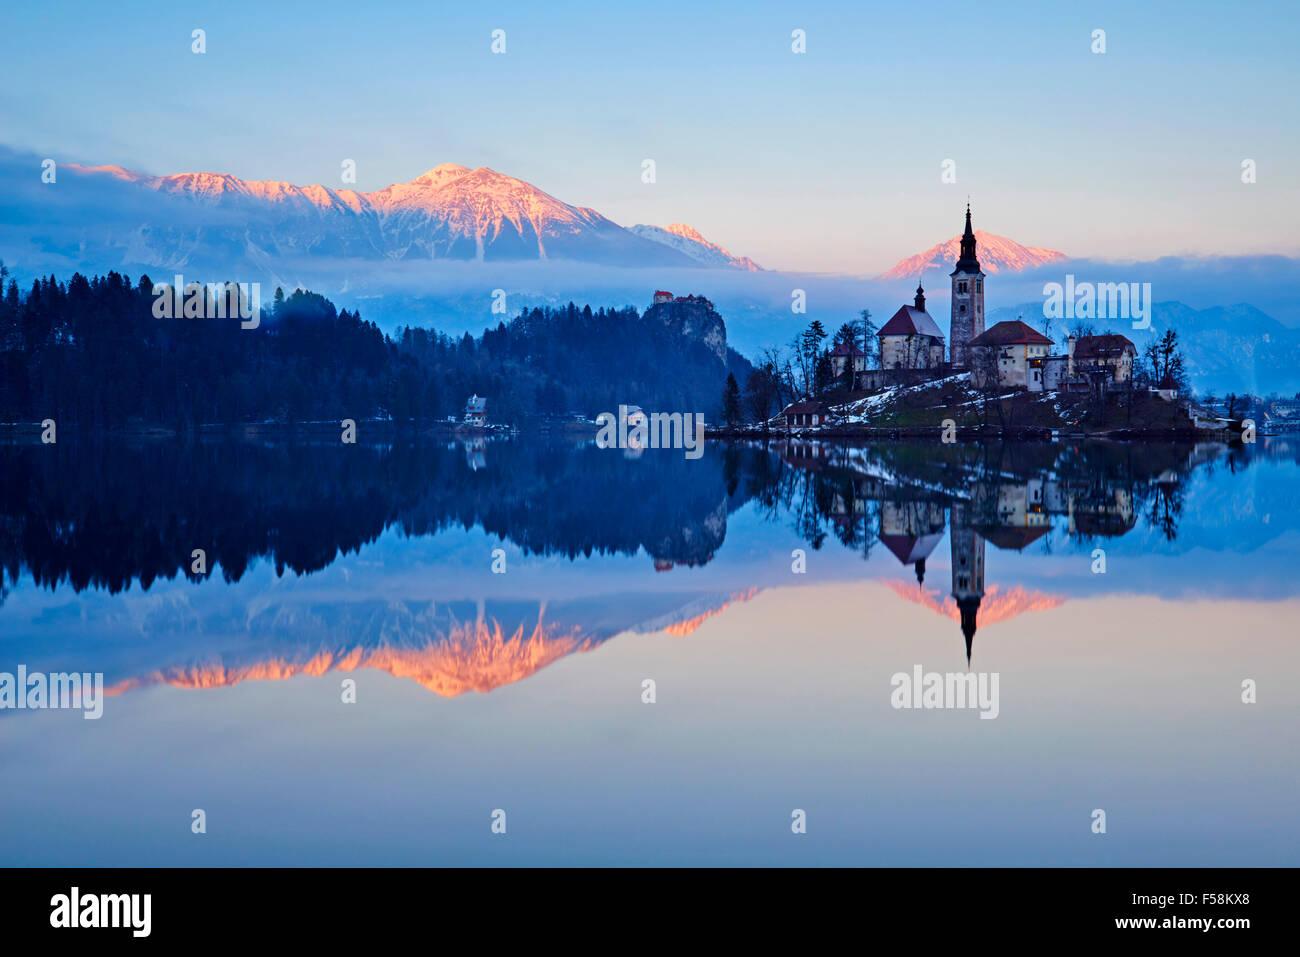 La Slovénie, Bled, le lac Bled et les Alpes Juliennes, l'église de l'Assomption Photo Stock